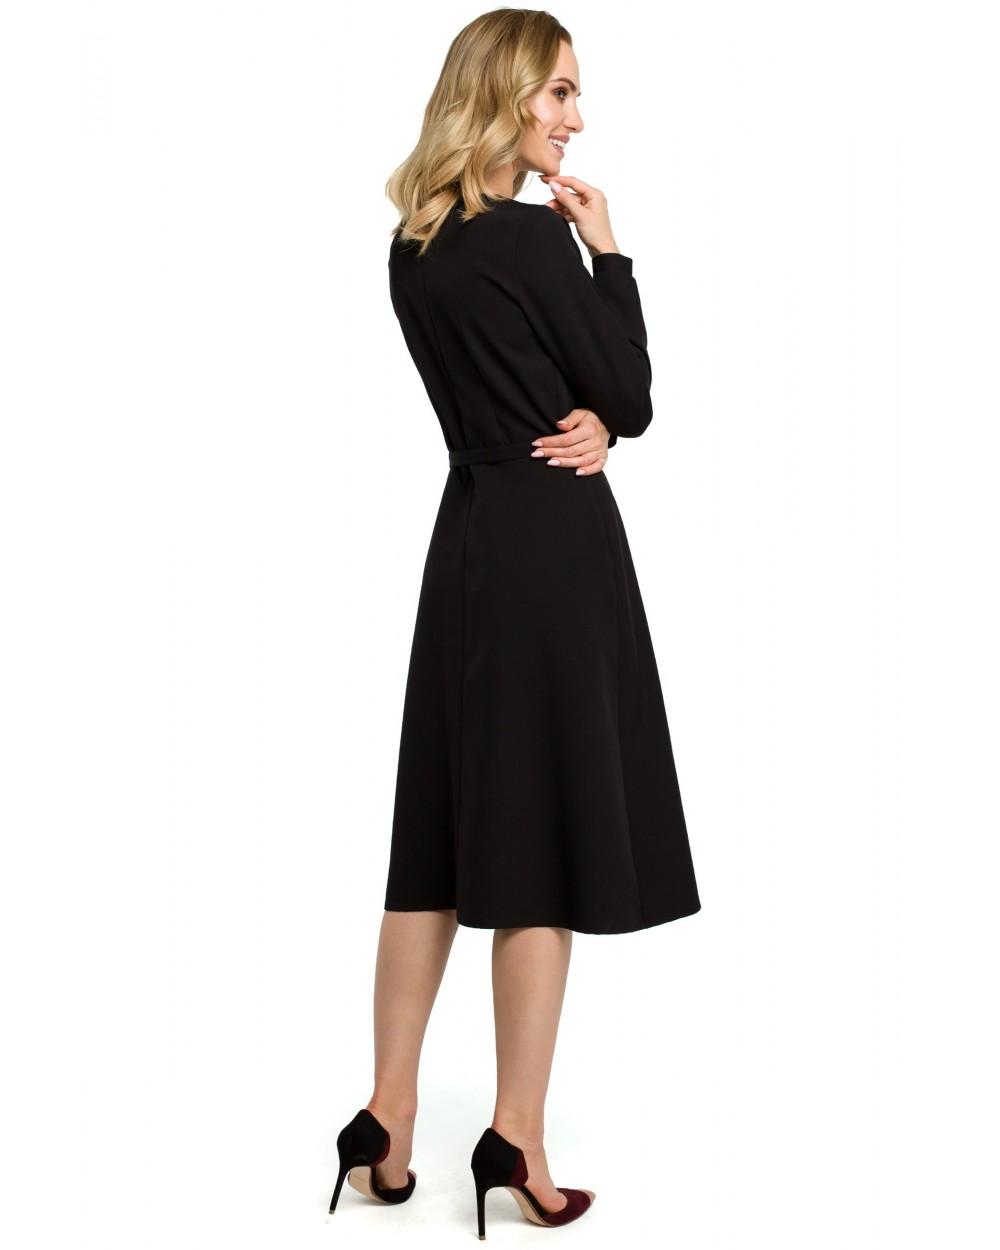 a044a8287 ... Sukienki damskie eleganckie klasyczne midi czarne sklep Slango 1